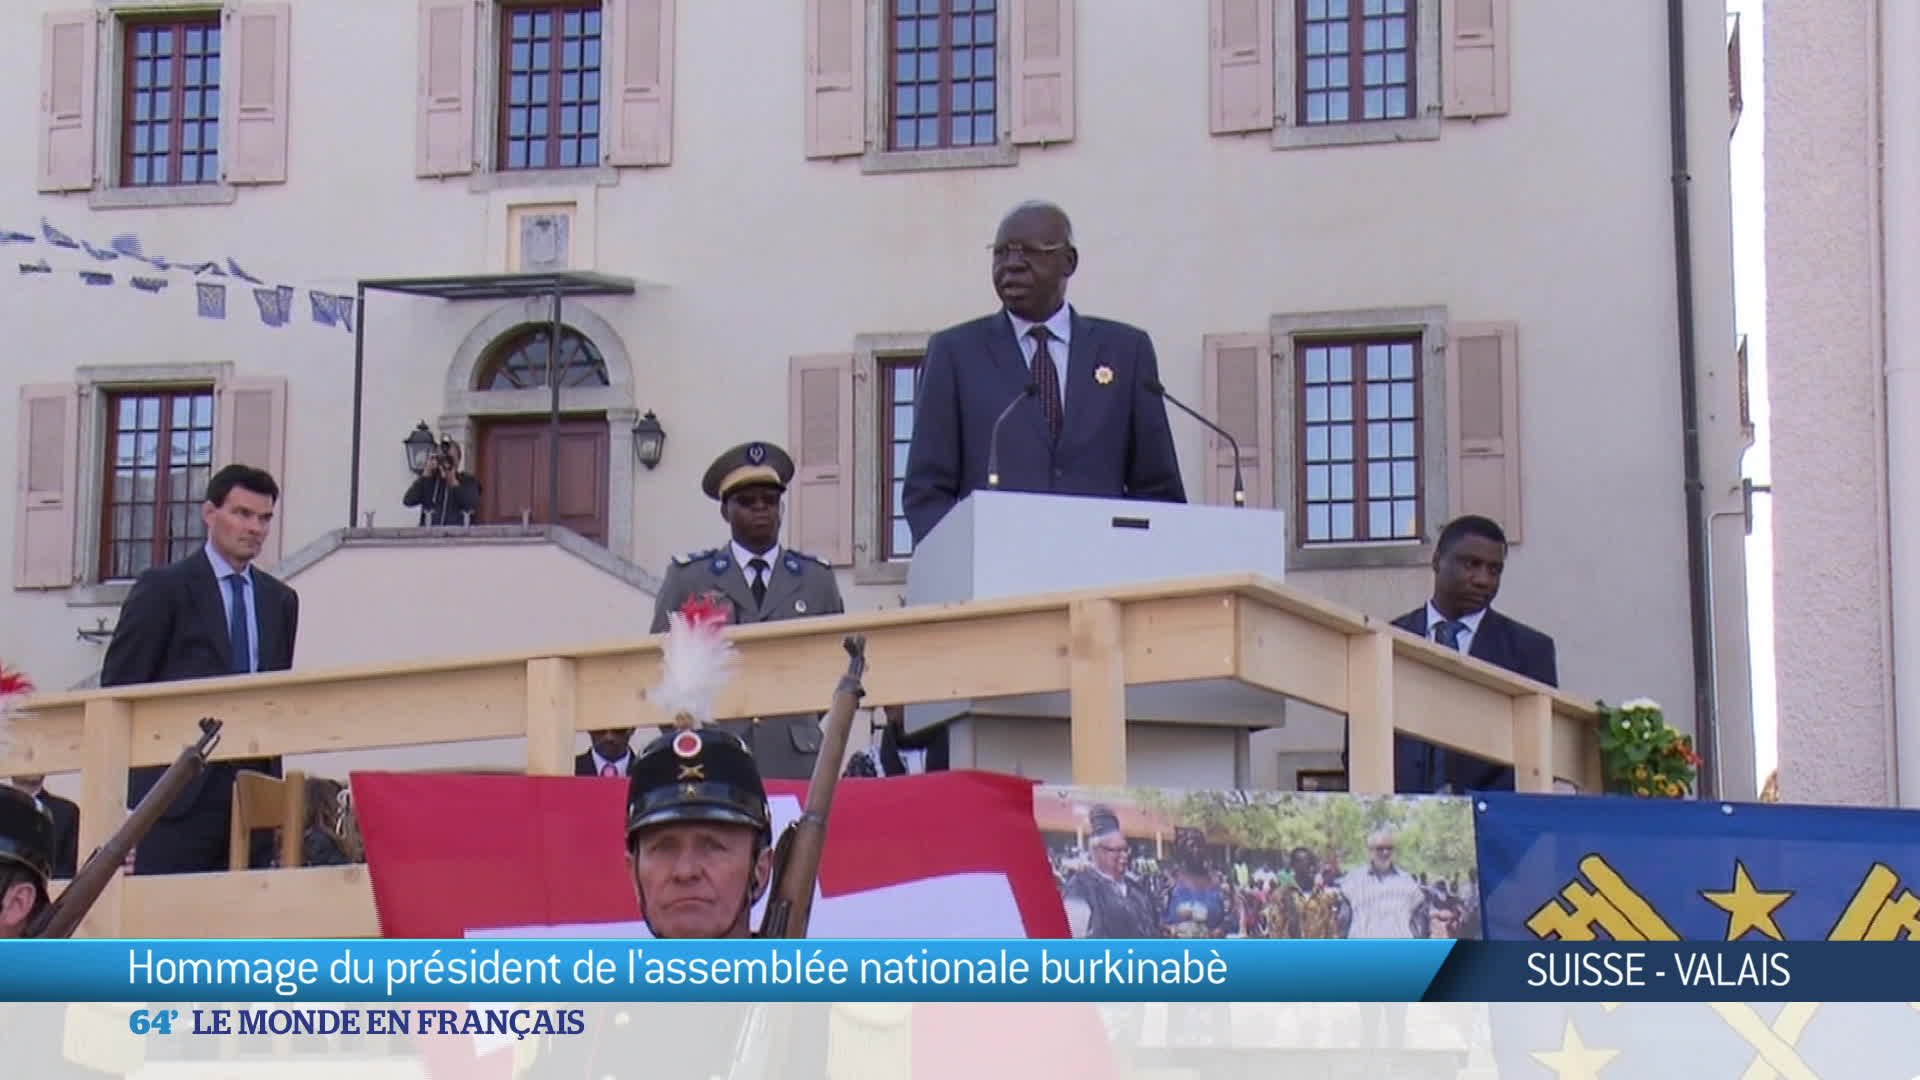 Hommage du Burkina Faso à la Suisse